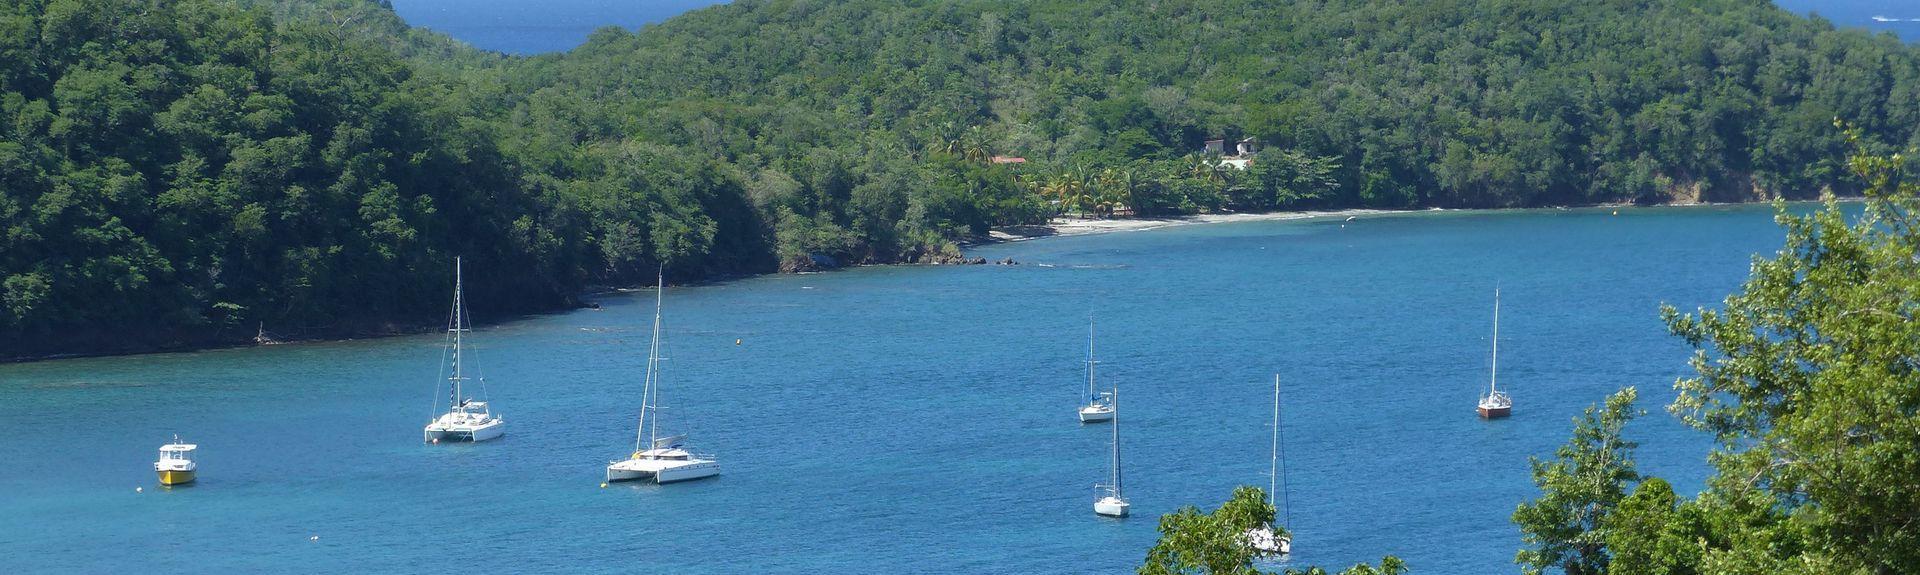 Rivière-Salée, Martinique